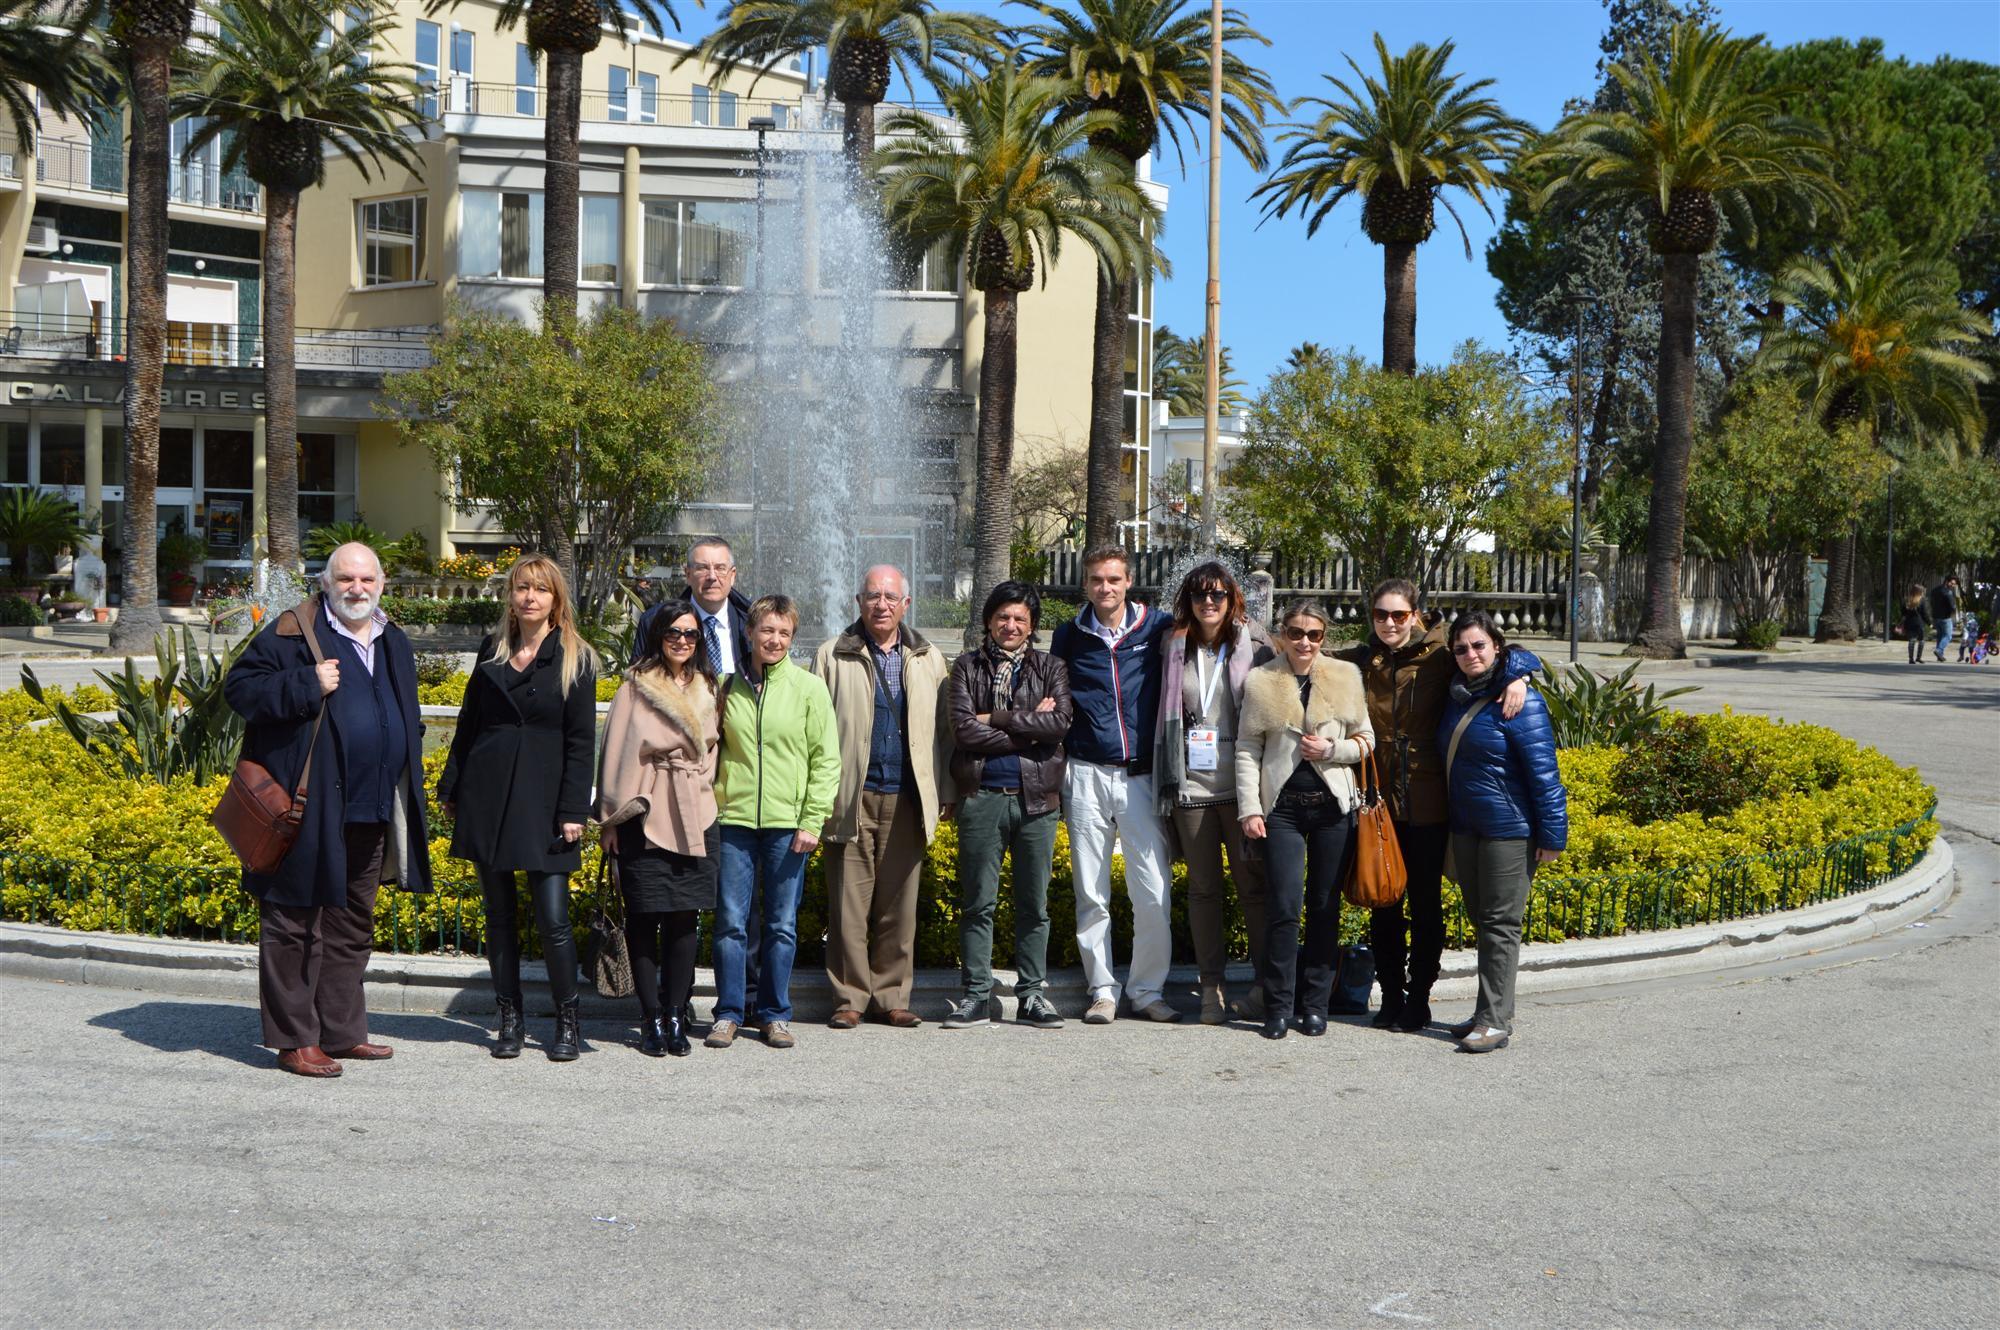 Delegazione Museumcultour SBT